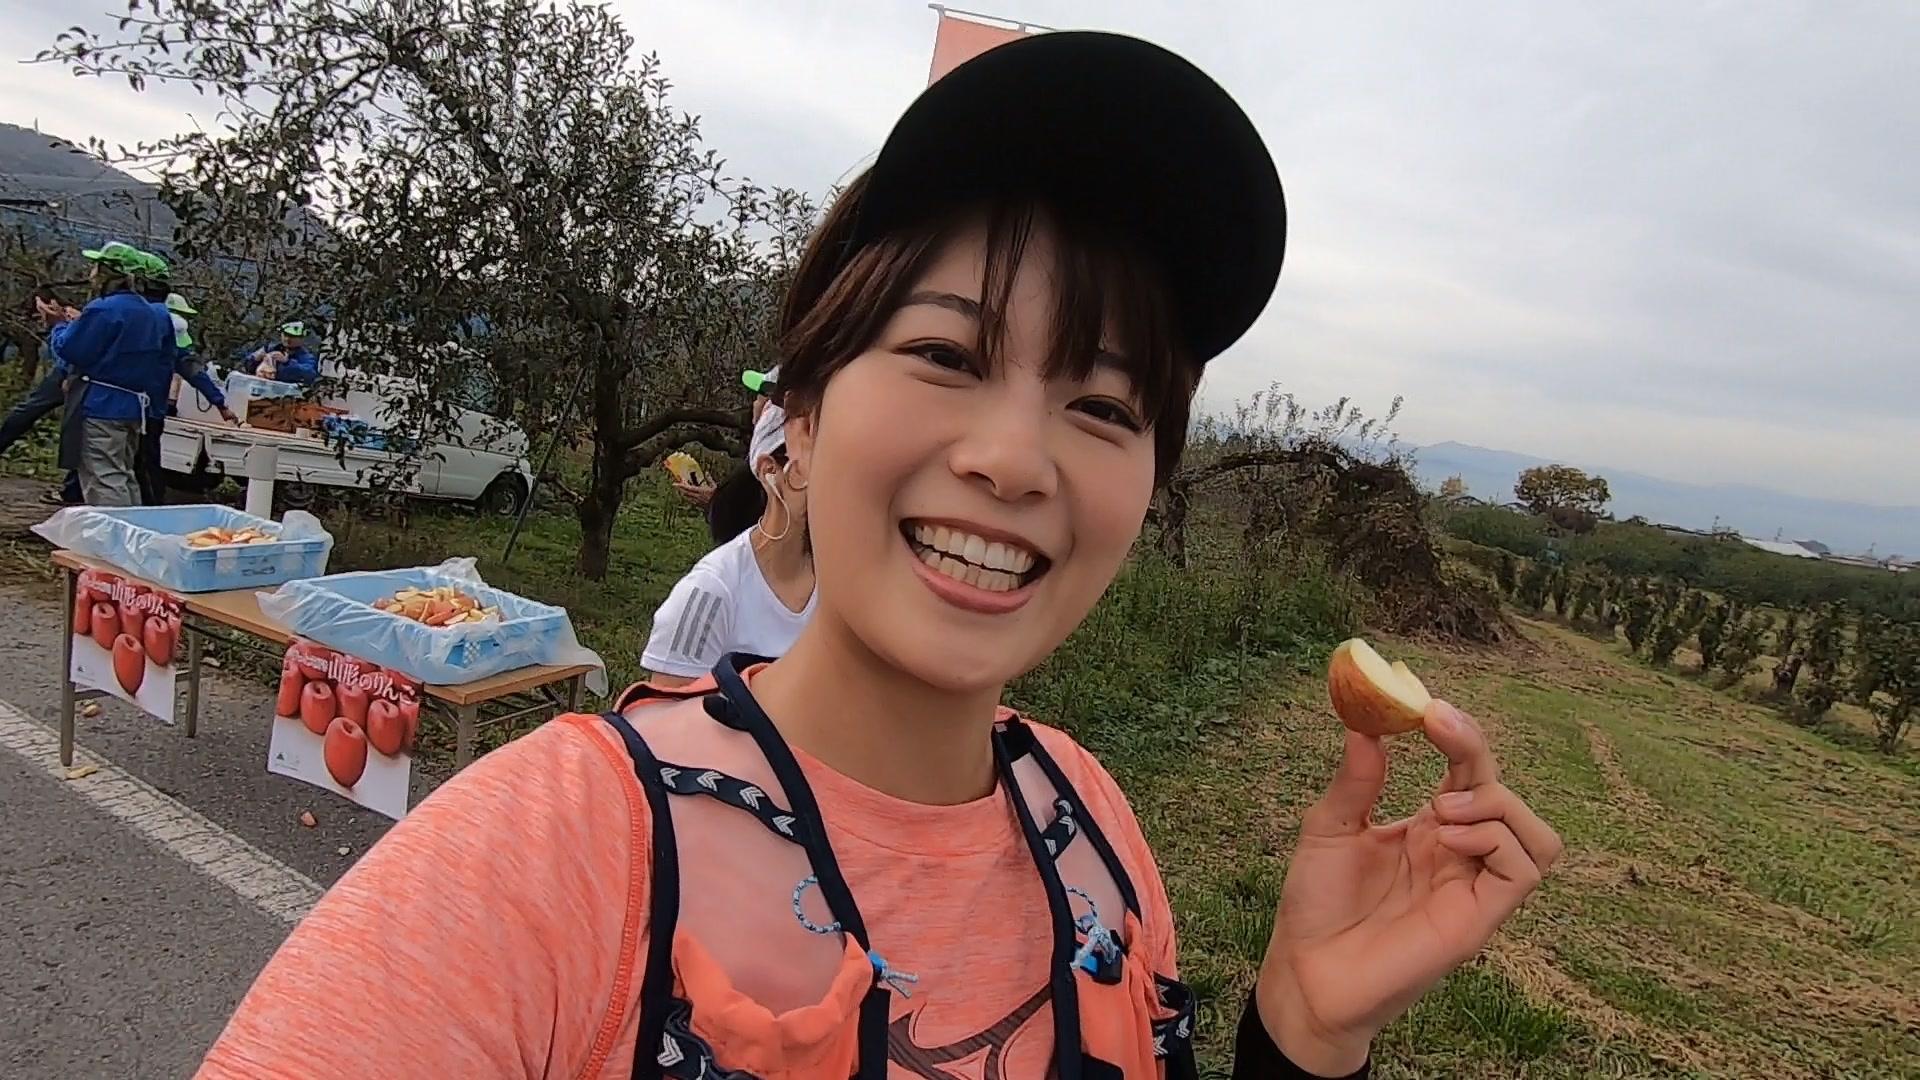 中村優さんがマラソン大会中にリンゴを食べている写真